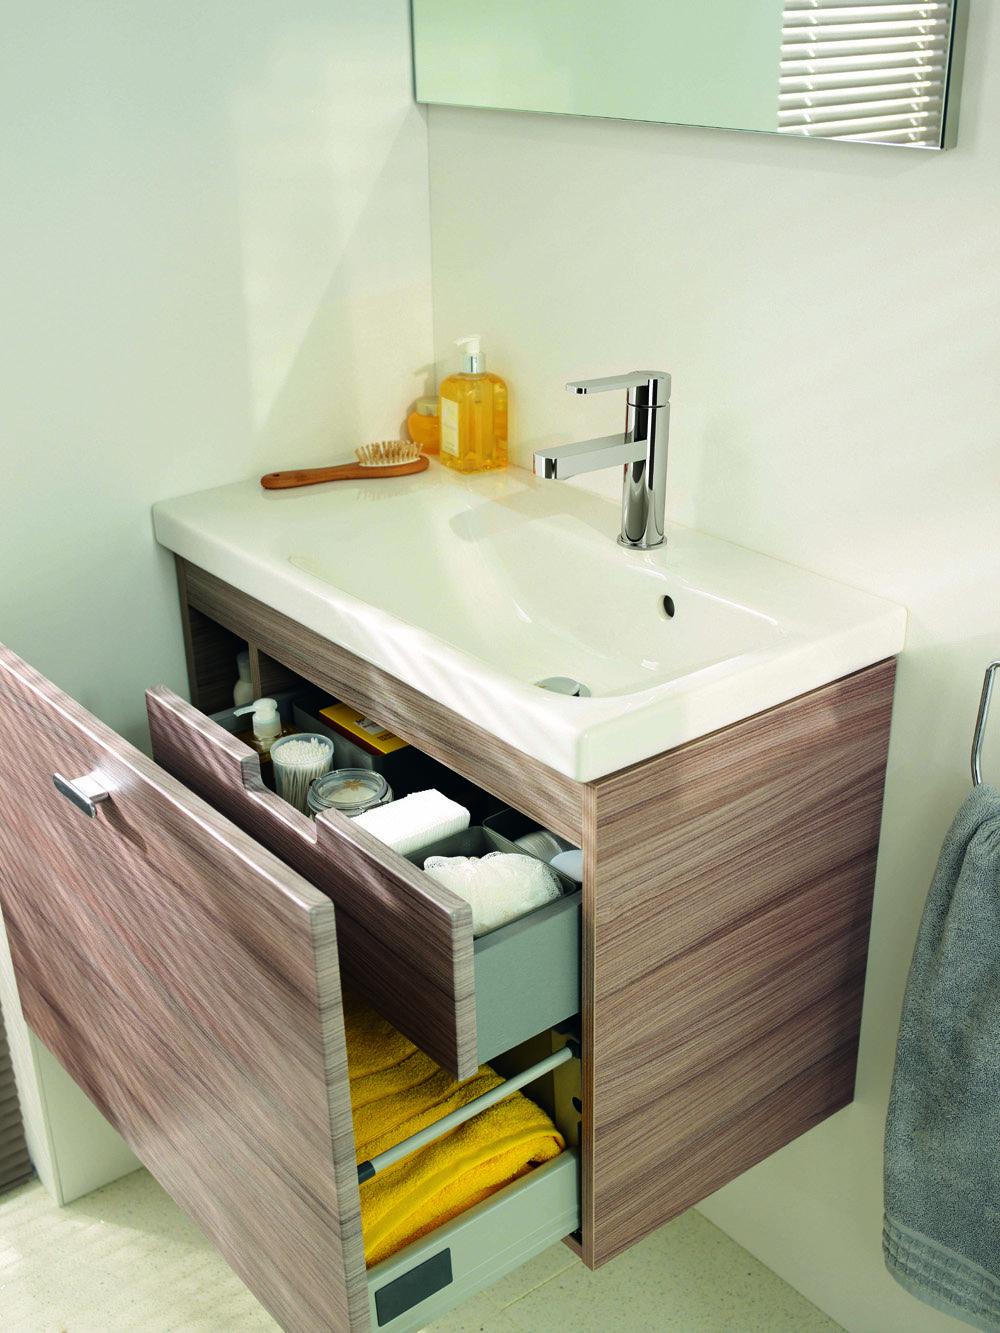 Per il bagno design e stile per spazi piccoli cose di casa - Mobile bagno sottolavabo ...